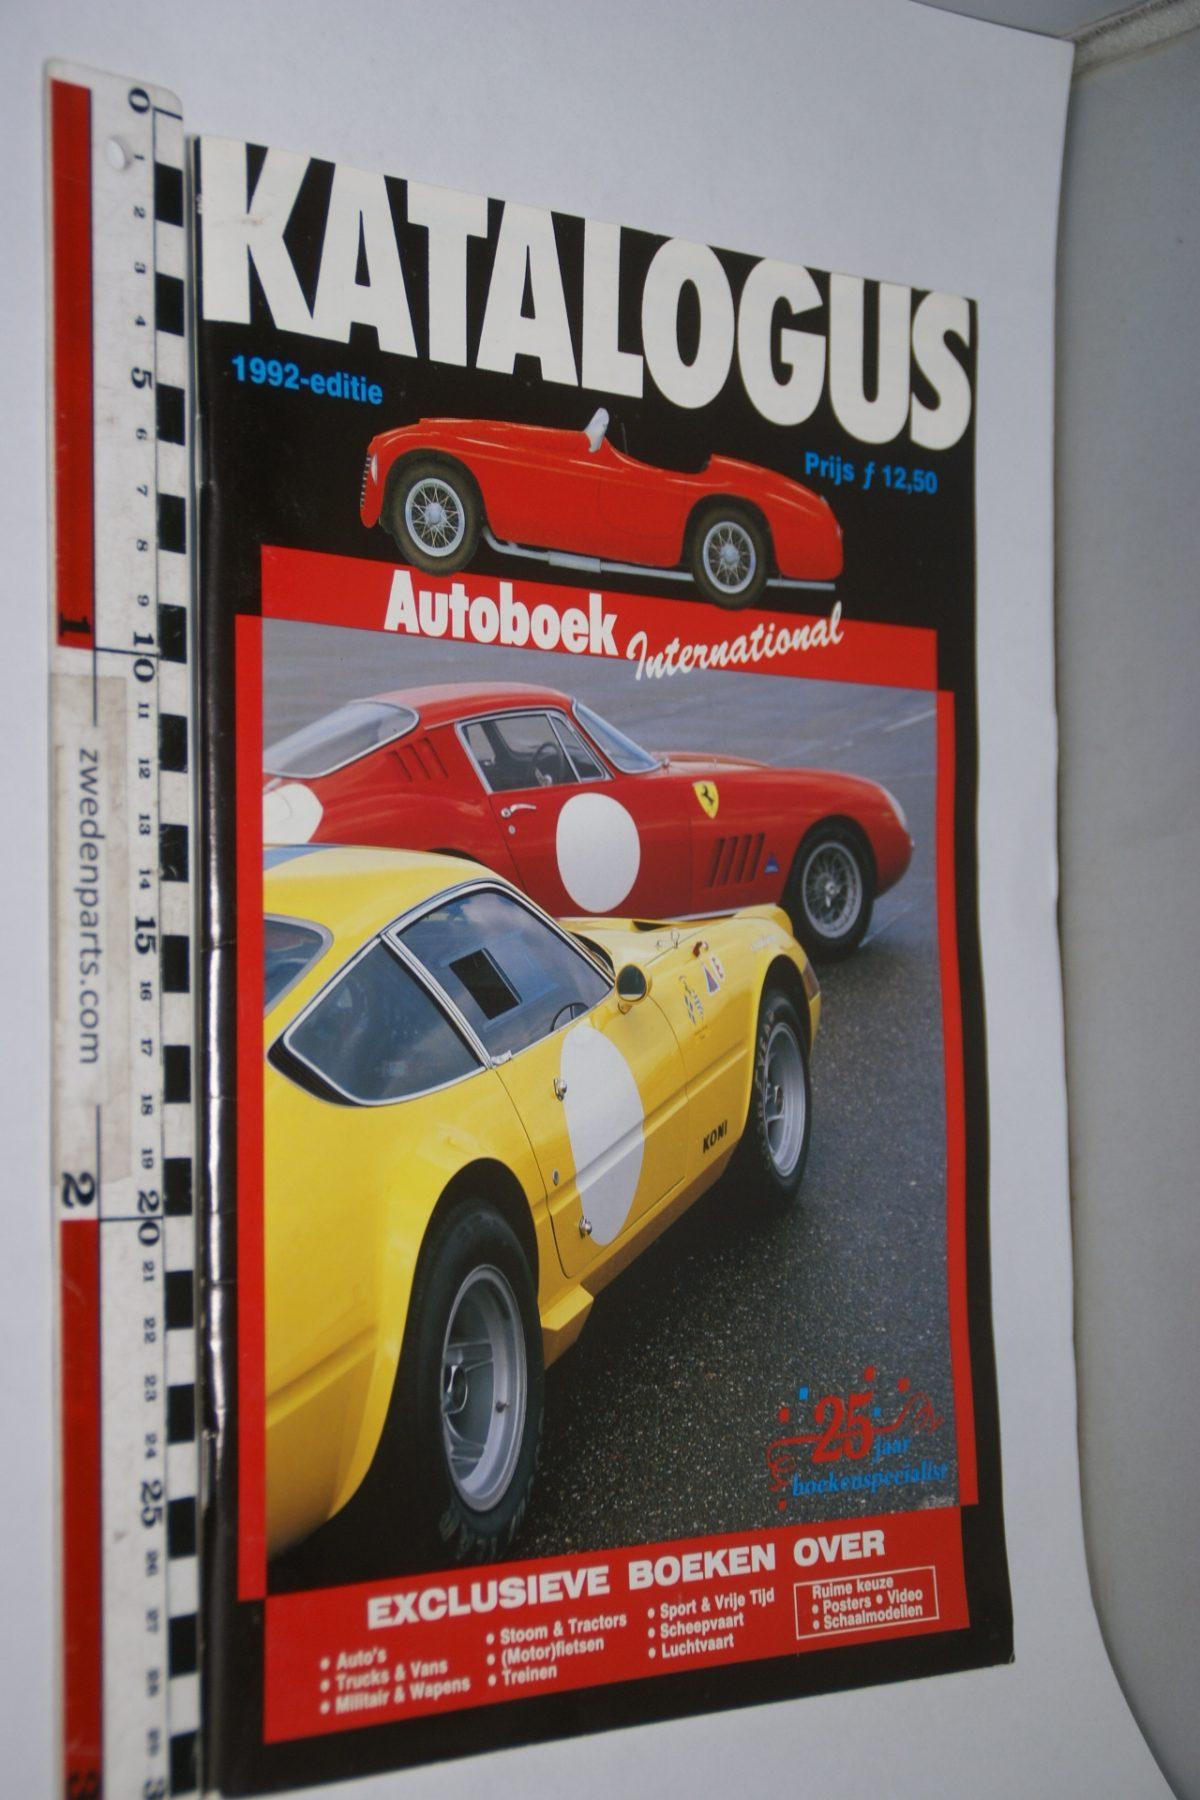 DSC06897 1992 Katalogus voor autboeken